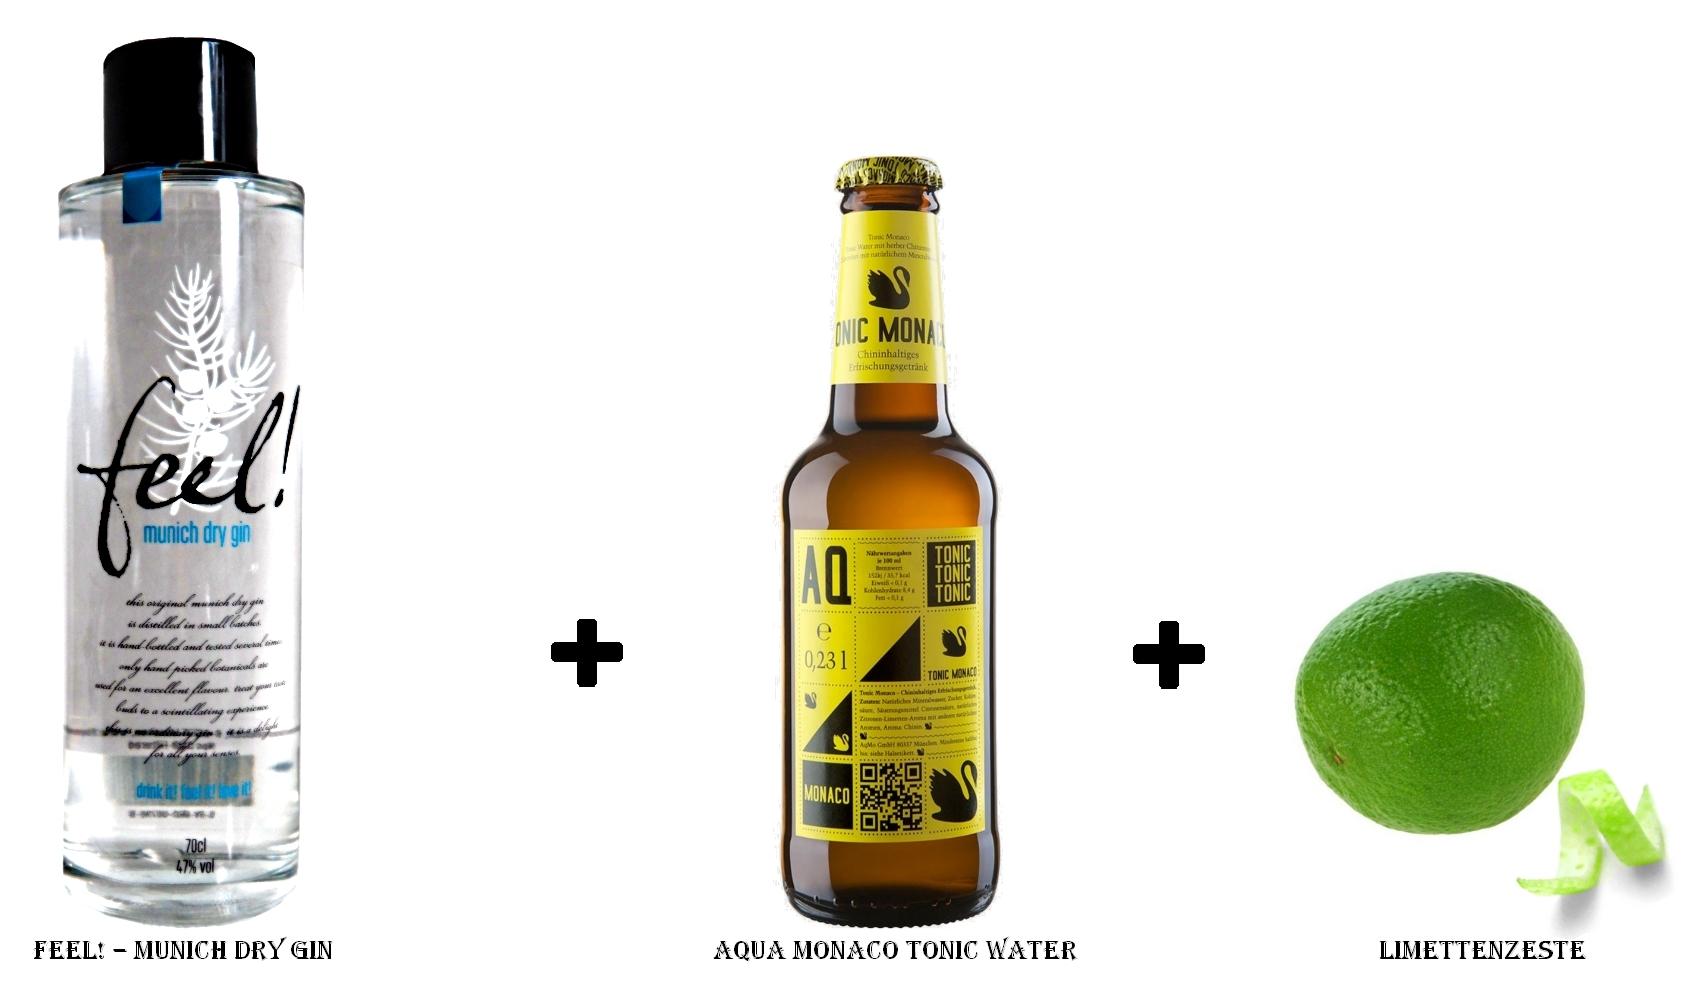 Feel! – Munich Dry Gin + Aqua Monaco Tonic Water + Limettenzeste